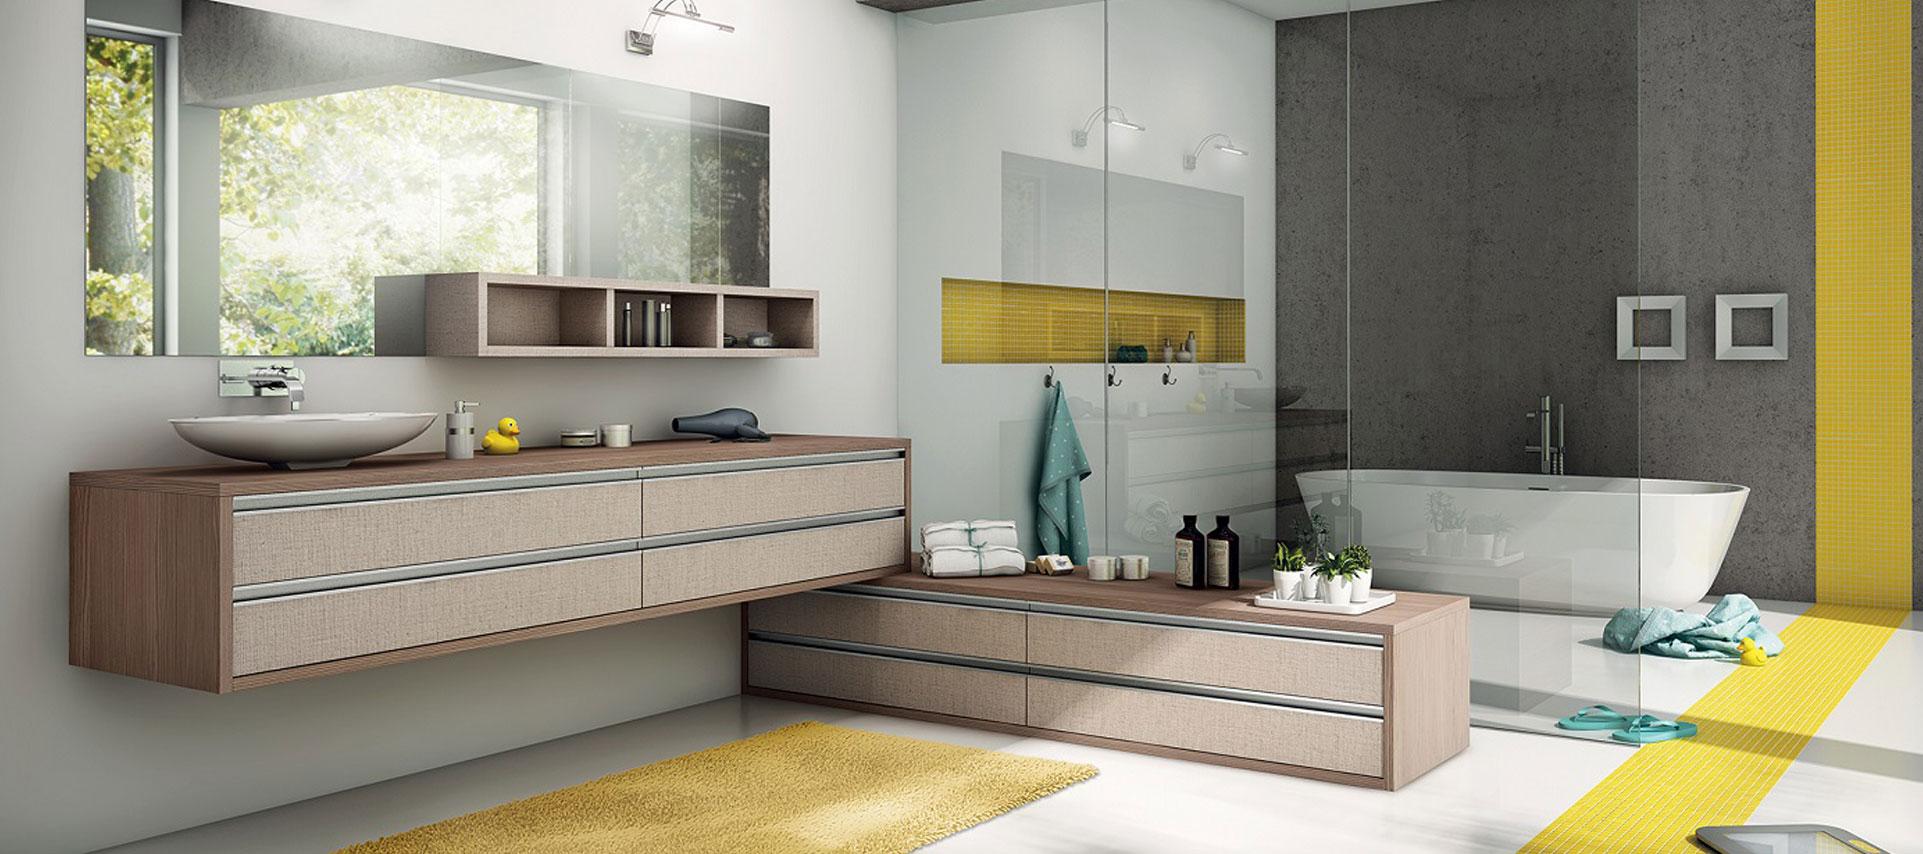 Banheiro Planejado Curitiba  Decor8 Móveis Planejados -> Movel Banheiro Planejado